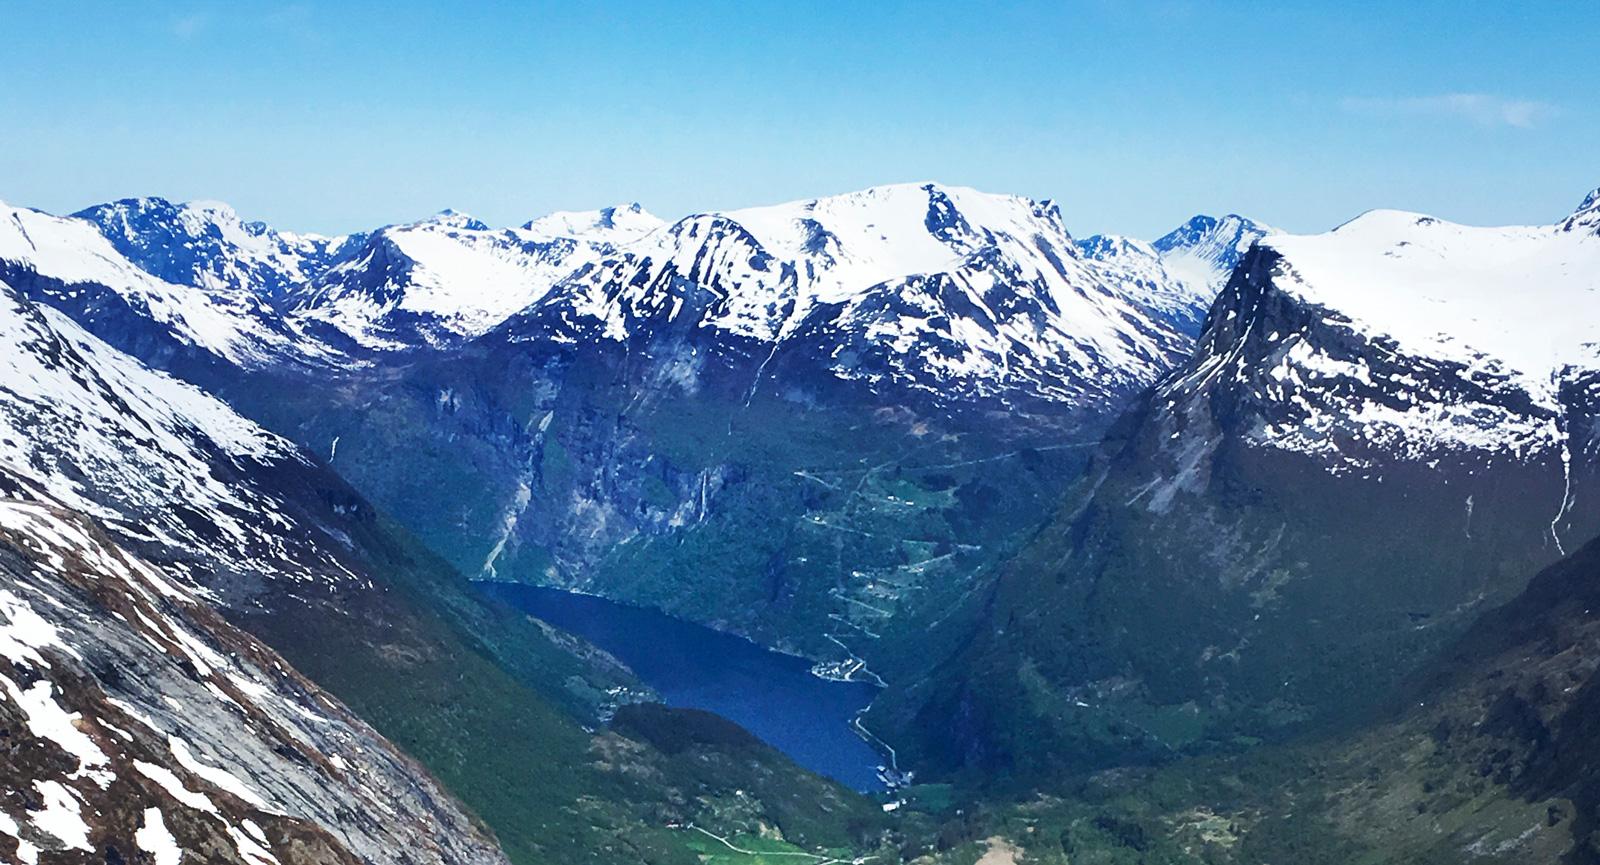 Den smått galna utsikten från Dalsnibba får avsluta. Nu återstår dock vackra och mer normala Gudbransdalen på väg hem eller för dig som vill se mer kan en tur till Stryn eller tidigare nämnda Ålesund rekommenderas.